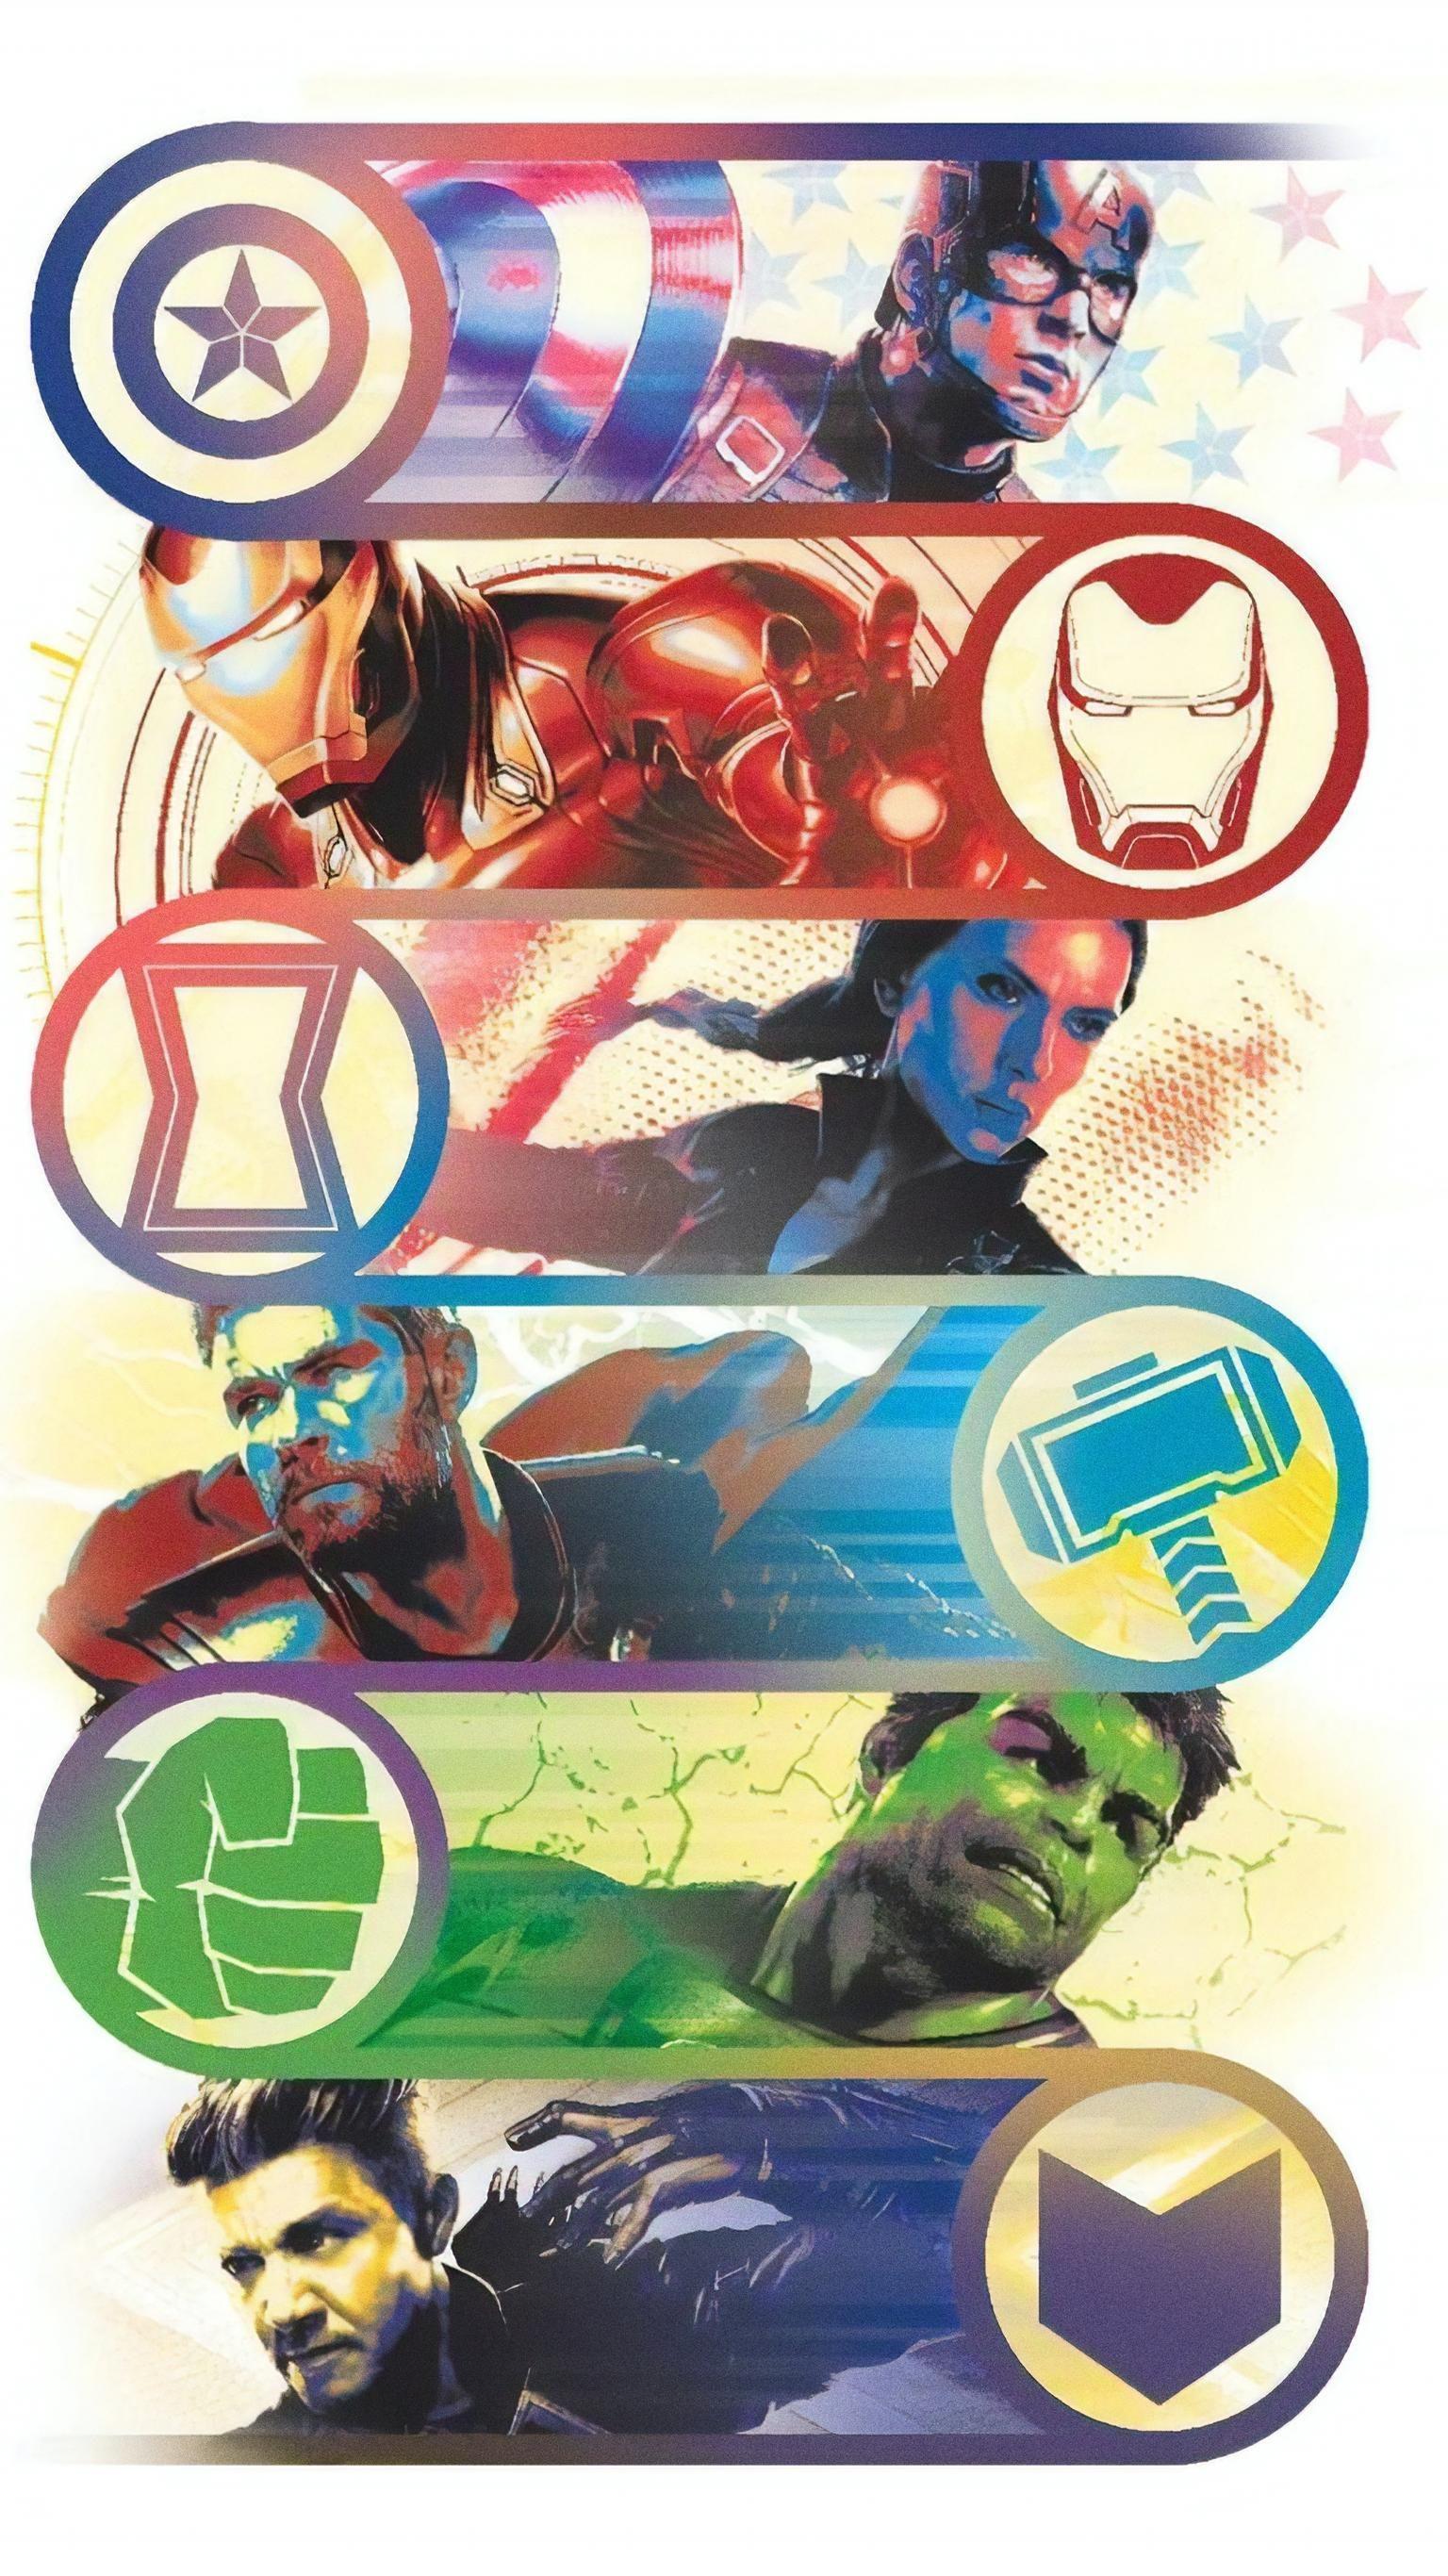 Avengers Endgame (2019) Phone Wallpaper